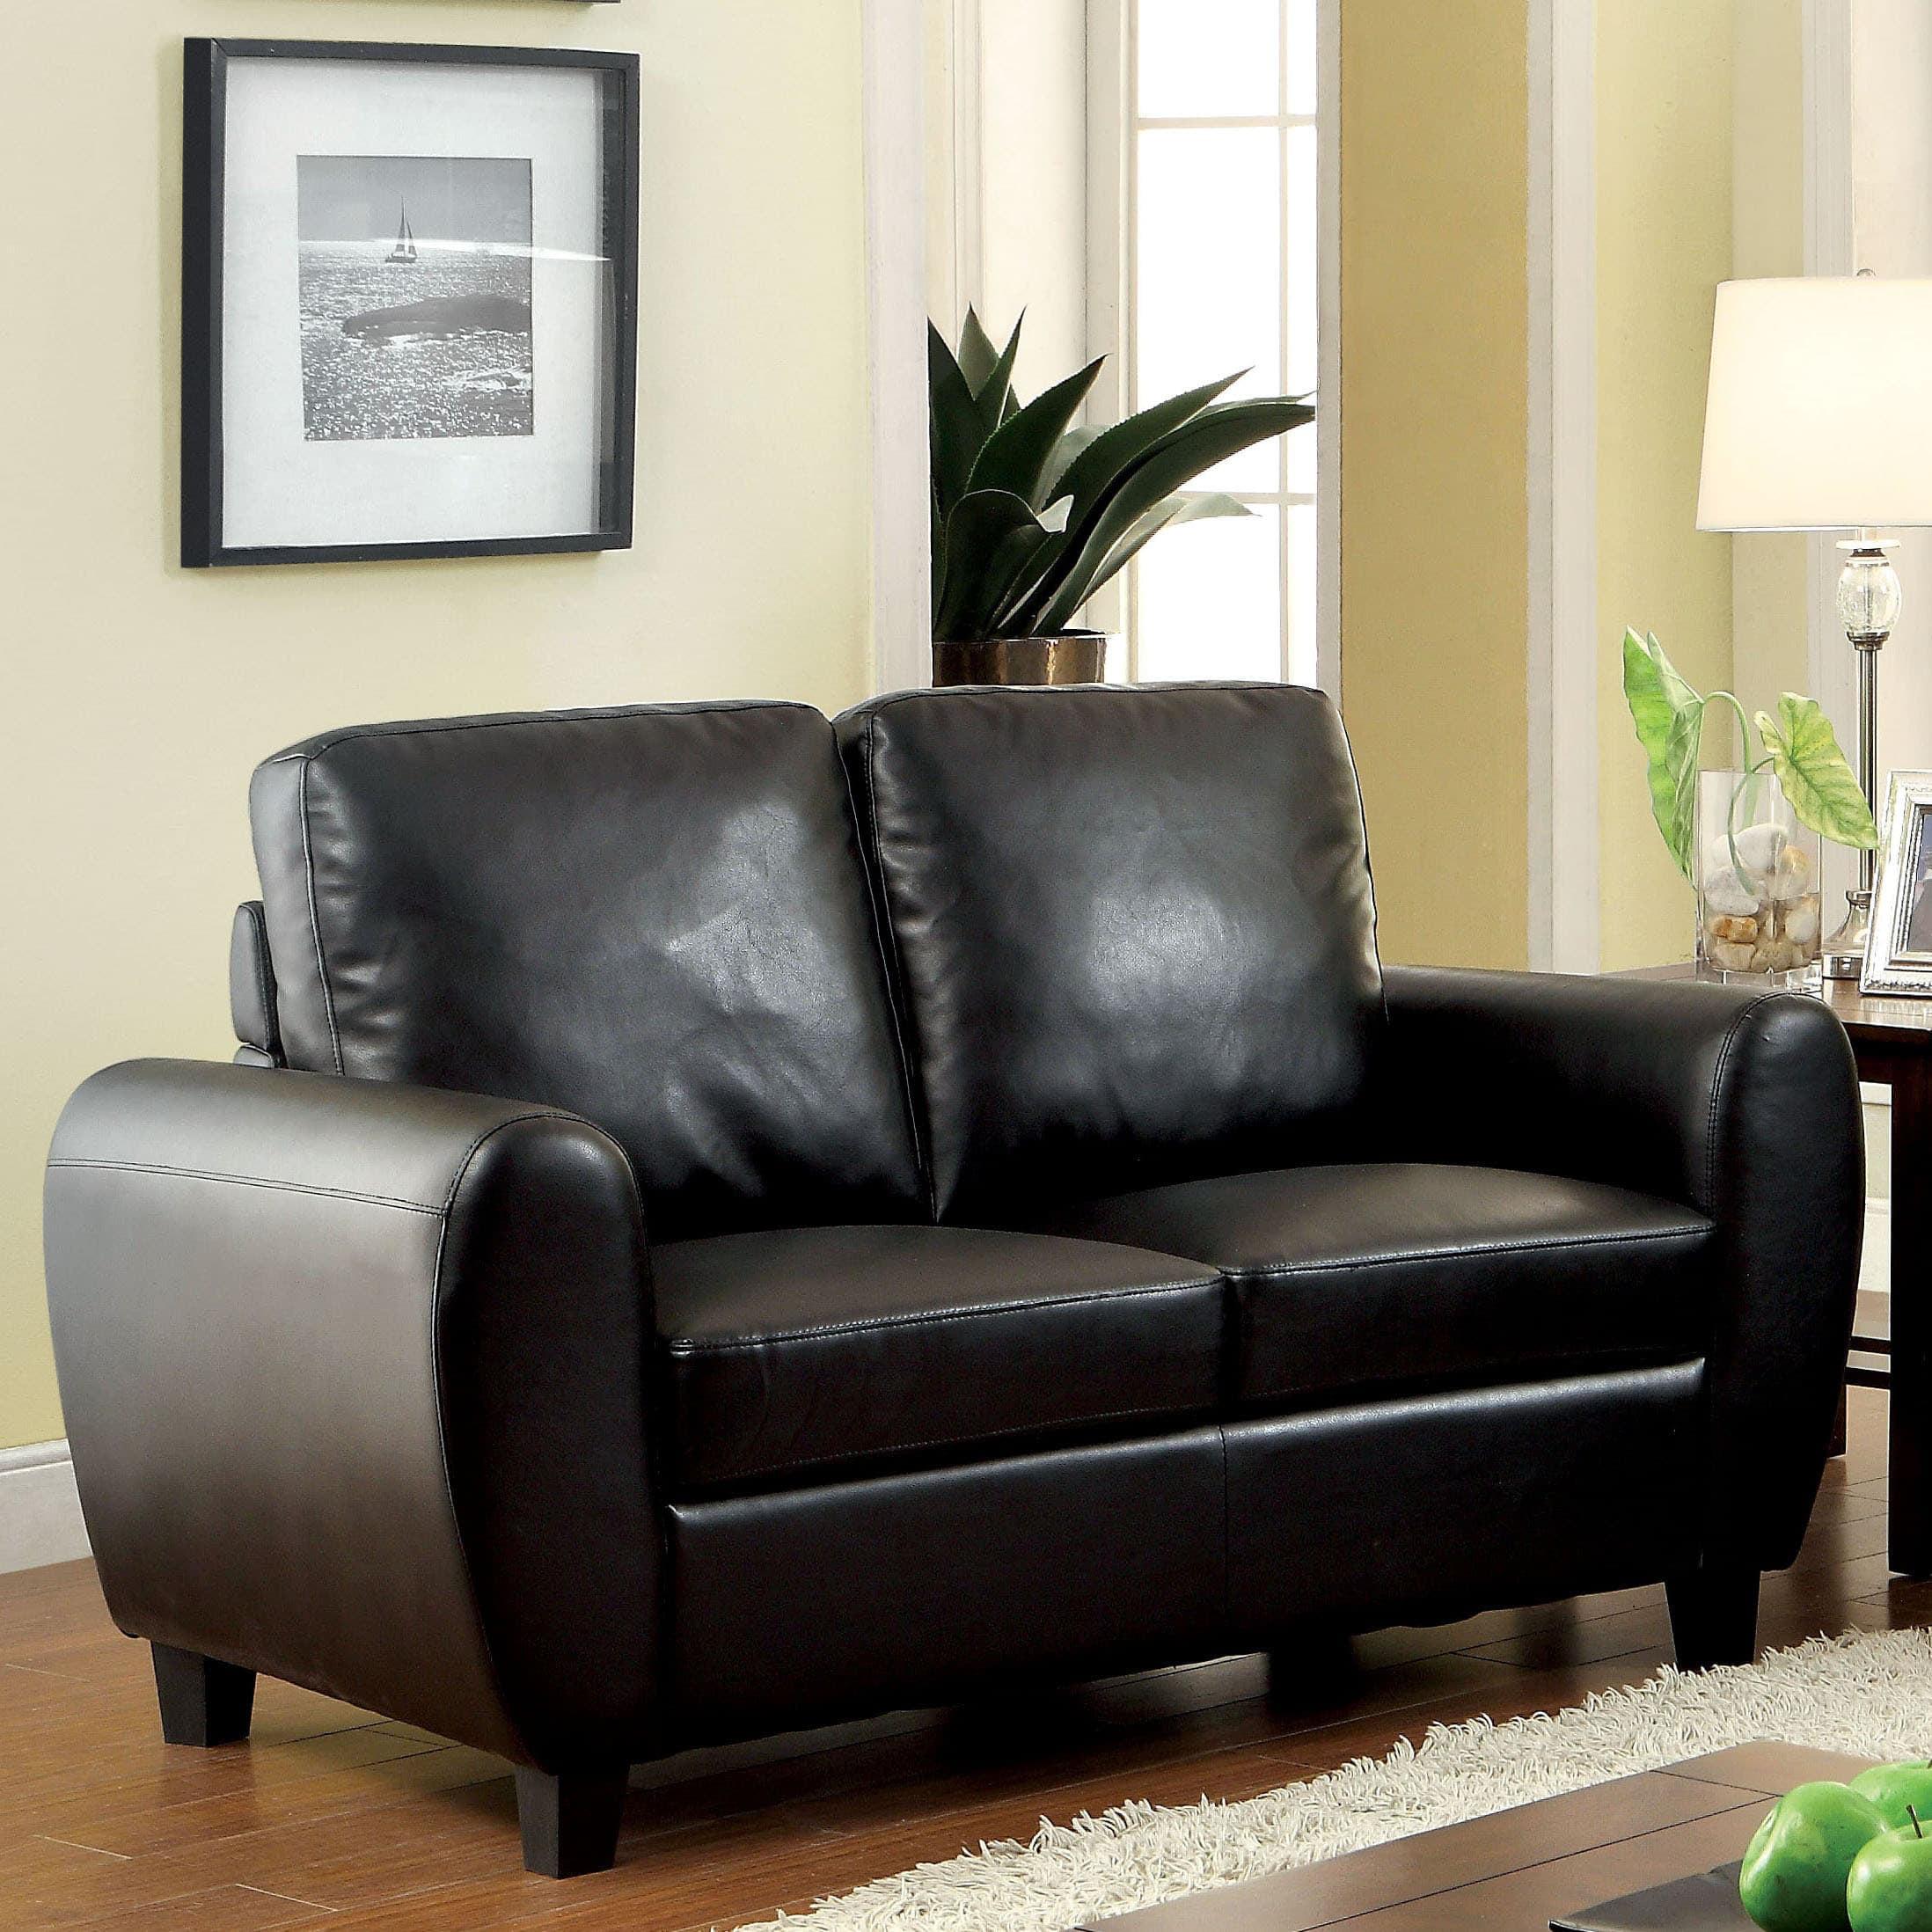 Furniture of America  Tawnee Modern Leatherette Loveseat